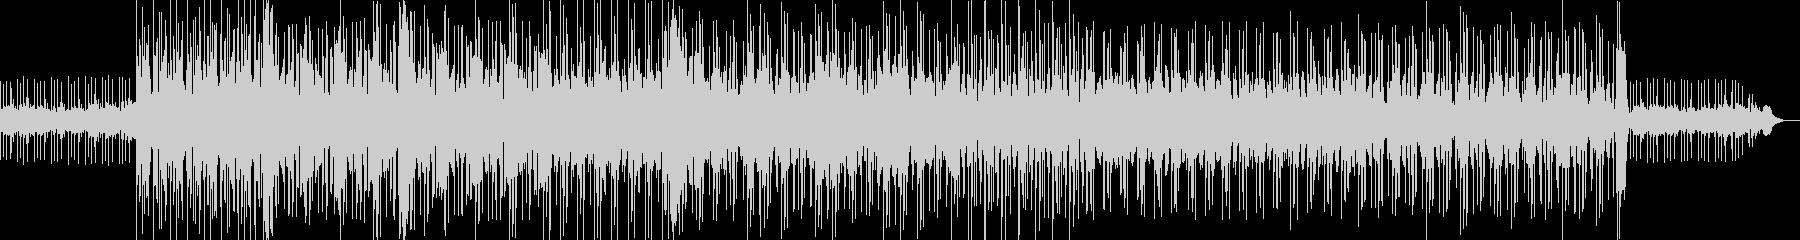 ロックの過剰なサイケデリック音楽。...の未再生の波形